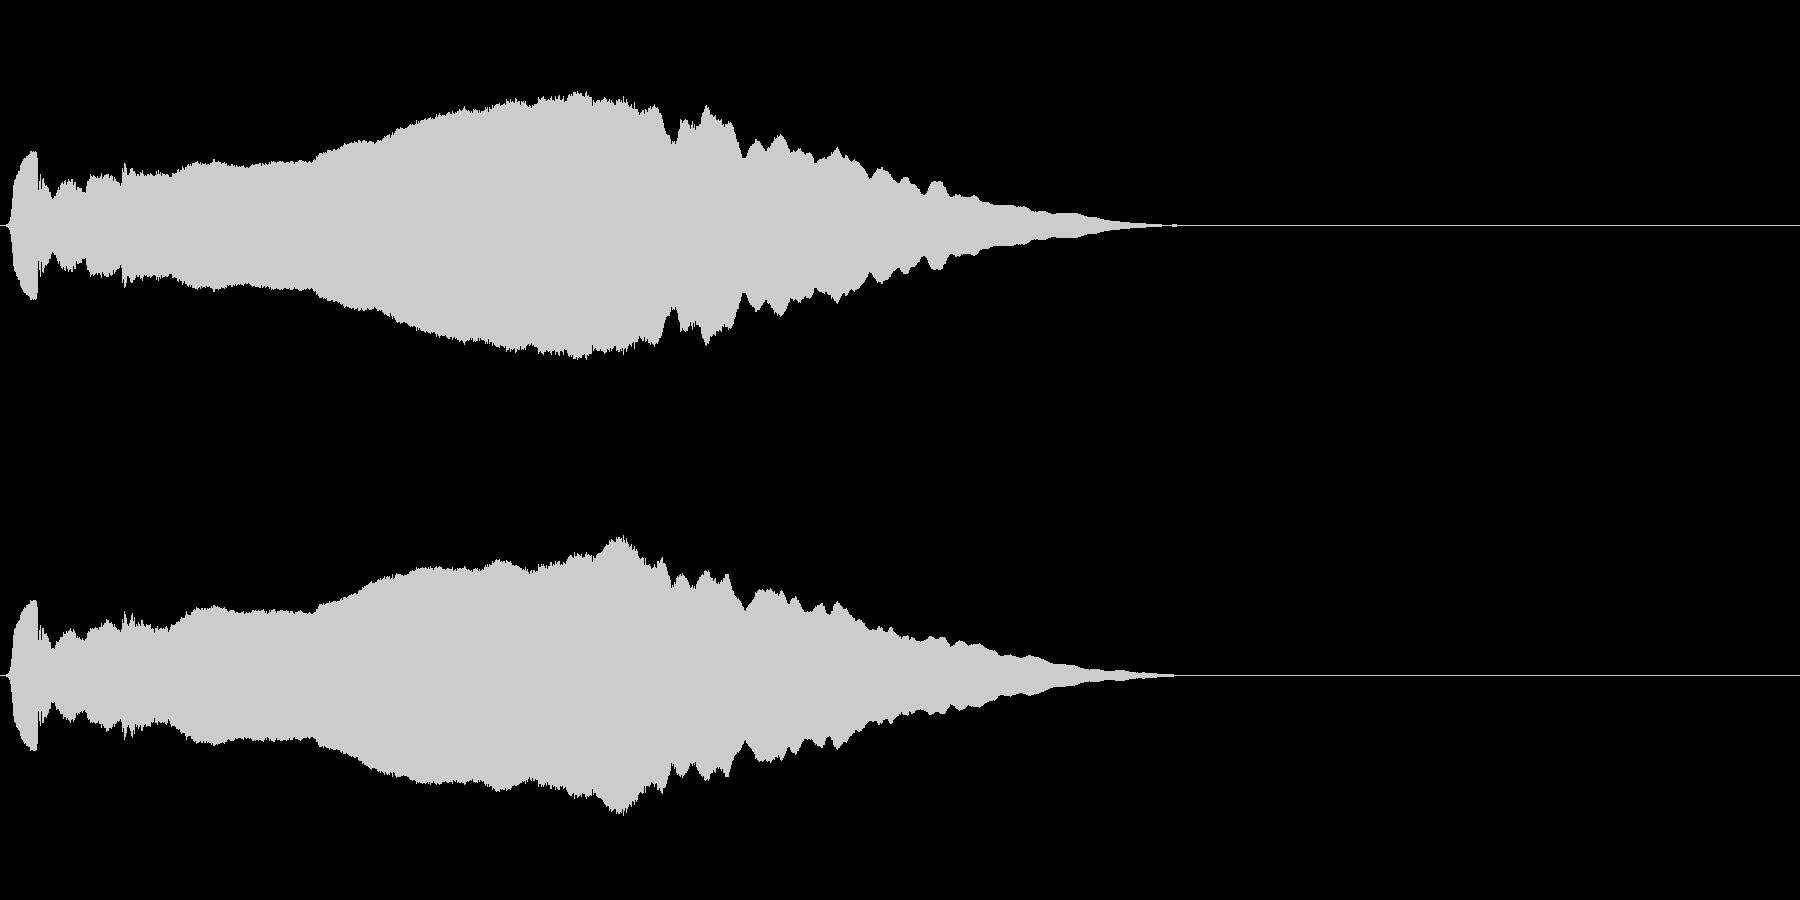 尺八 生演奏 古典風 残響音有 #1の未再生の波形